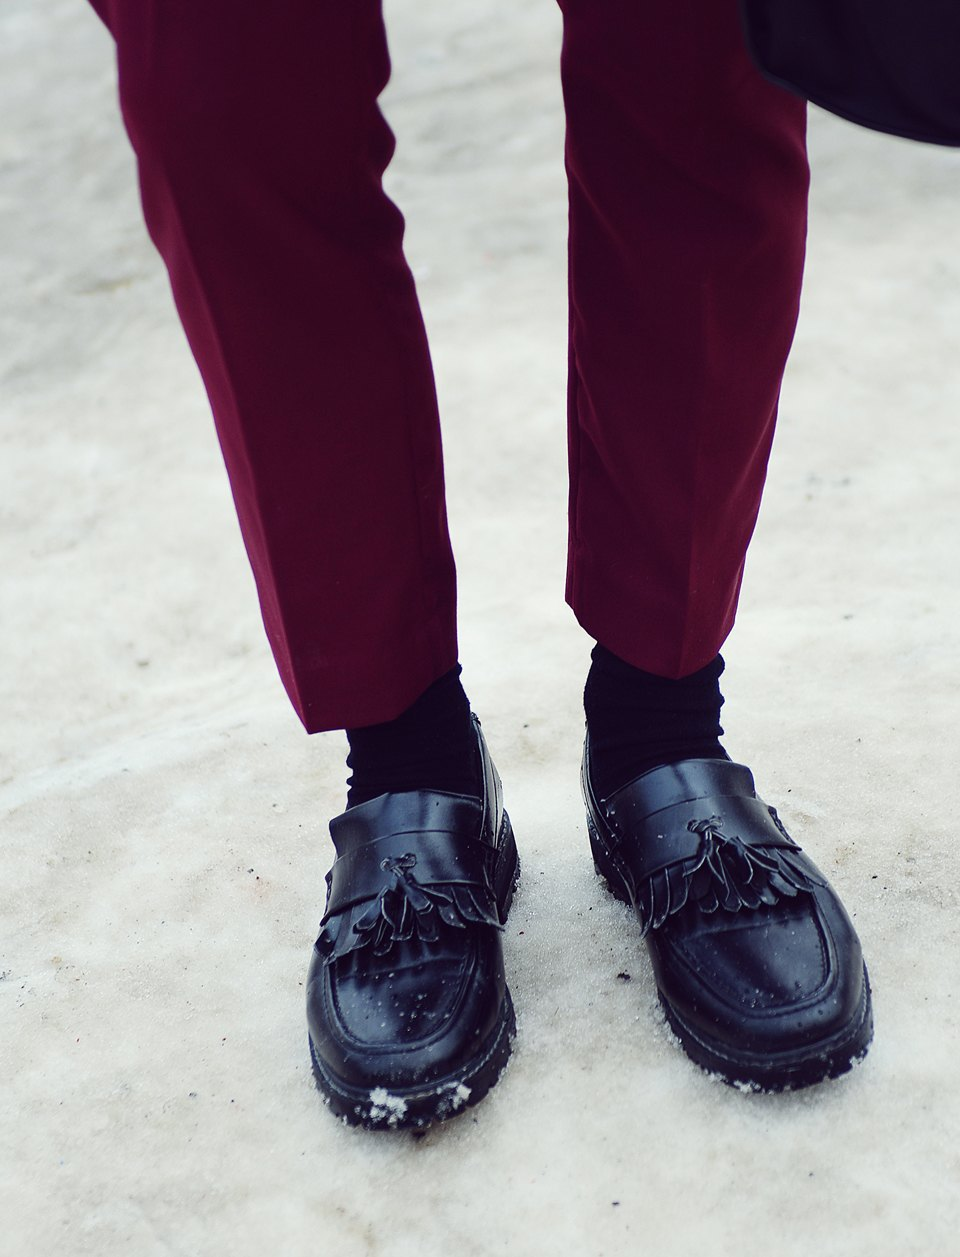 Шубы и горох на Stockholm Fashion Week. Изображение № 29.